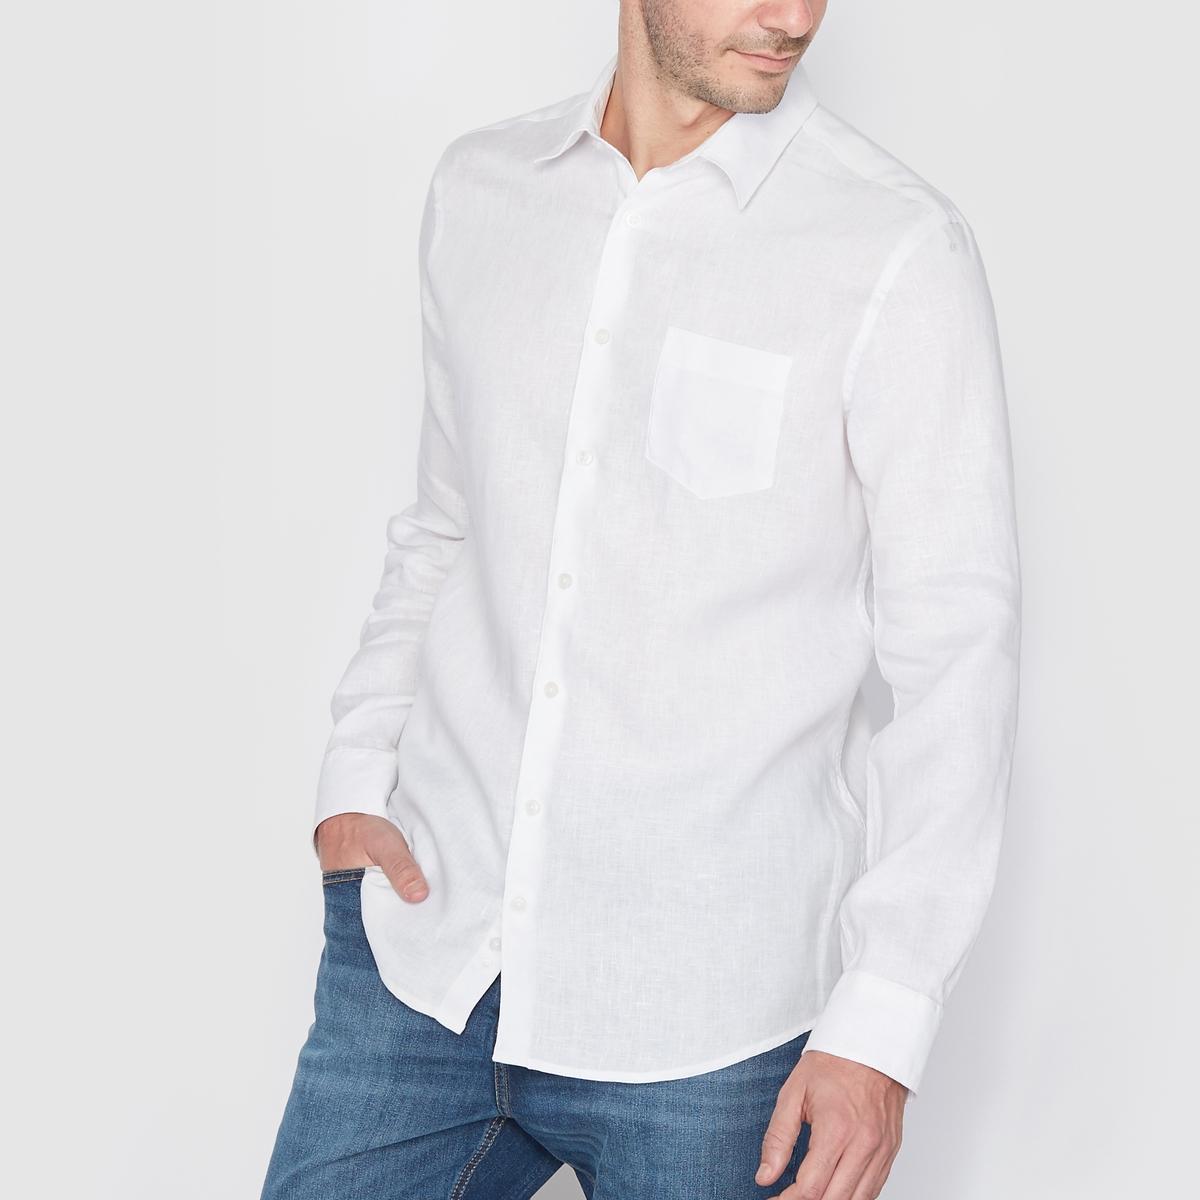 Рубашка прямого покроя с длинными рукавами, 100% ленРубашка                         100% лен. Длинные рукава. Воротник со свободными уголками. Нагрудный карман. Длина 77 см<br><br>Цвет: белый,голубой меланж,песочный,серо-коричневый,темно-синий,черный<br>Размер: 35/36.37/38.43/44.49/50.35/36.37/38.43/44.47/48.49/50.35/36.37/38.39/40.41/42.45/46.49/50.35/36.39/40.41/42.45/46.49/50.35/36.37/38.39/40.41/42.45/46.47/48.49/50.35/36.37/38.39/40.43/44.49/50